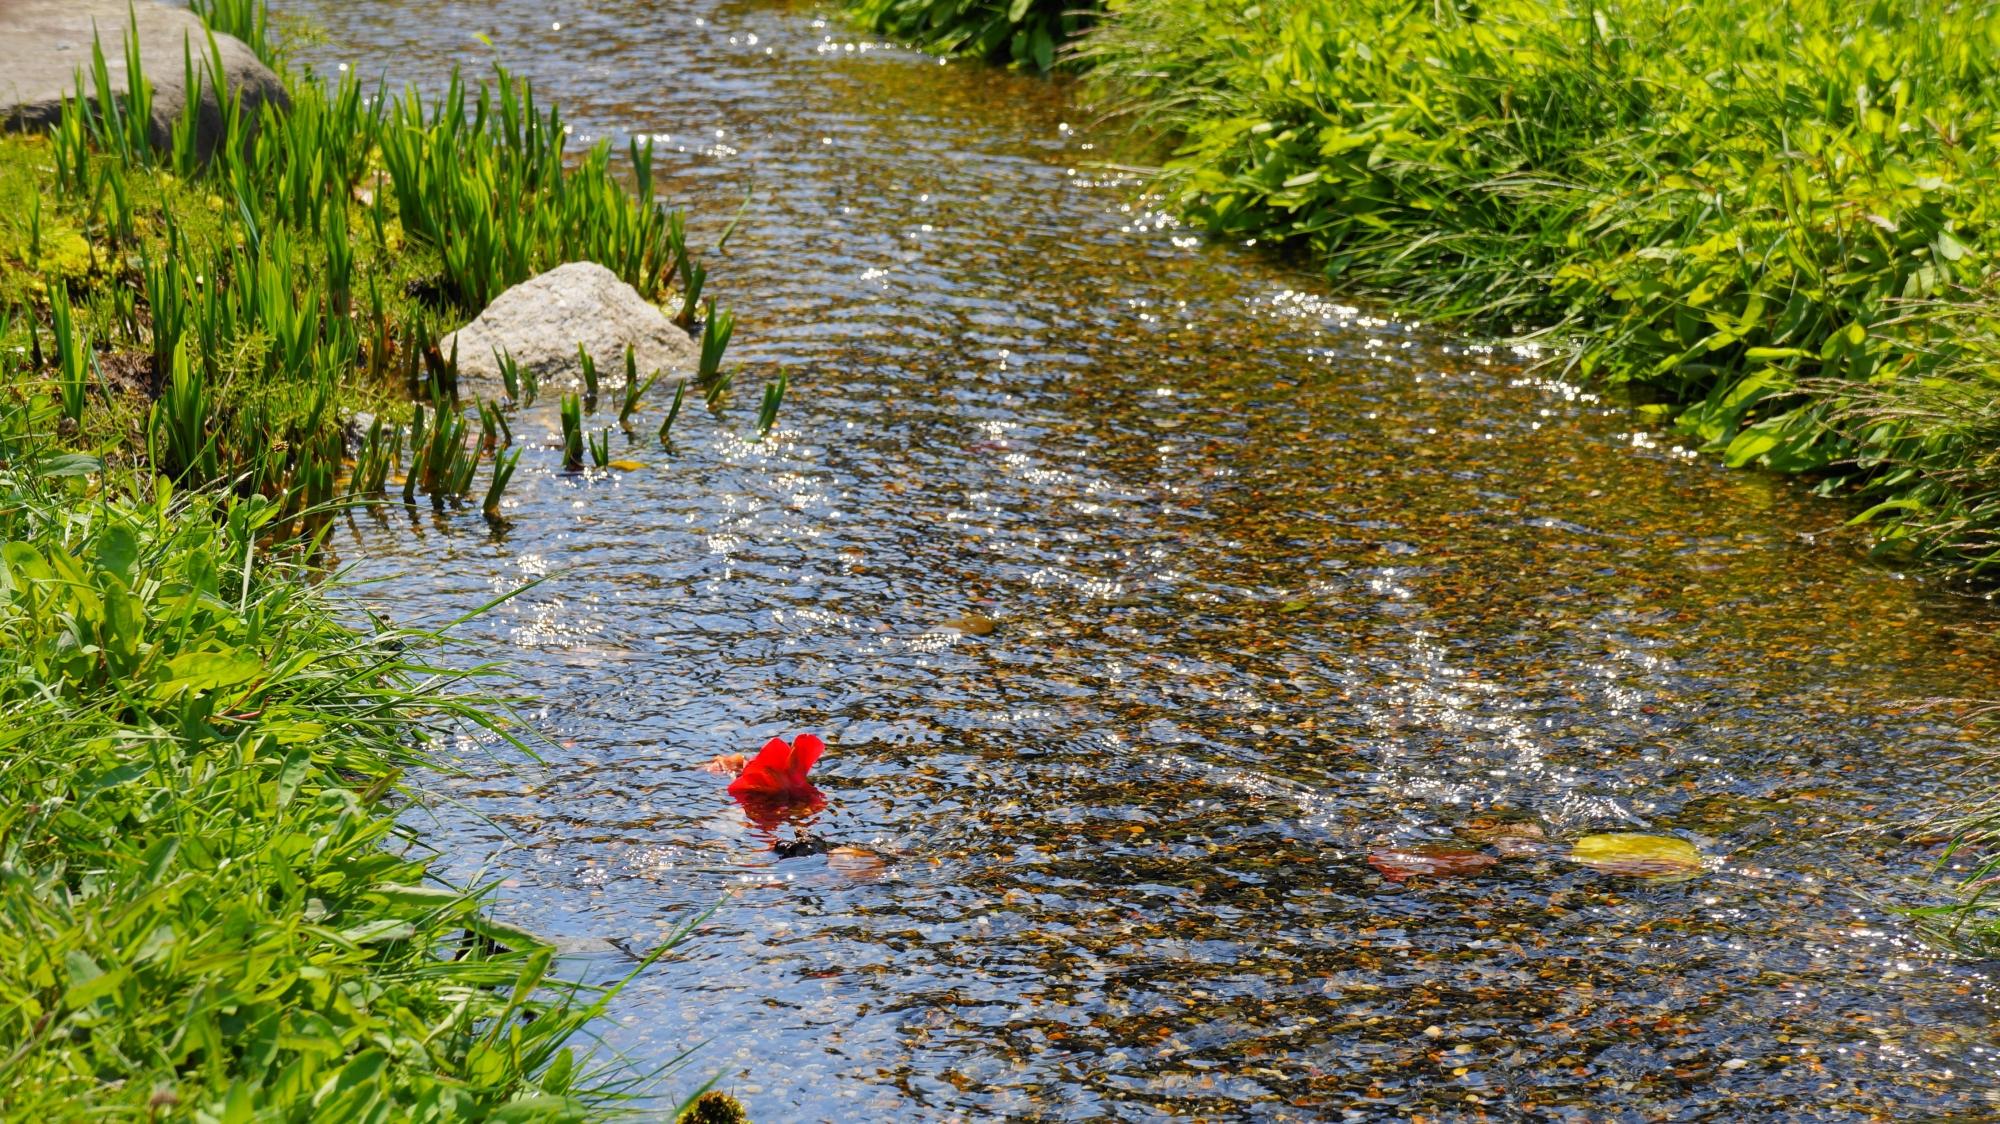 小川に流される鮮やかな散り椿